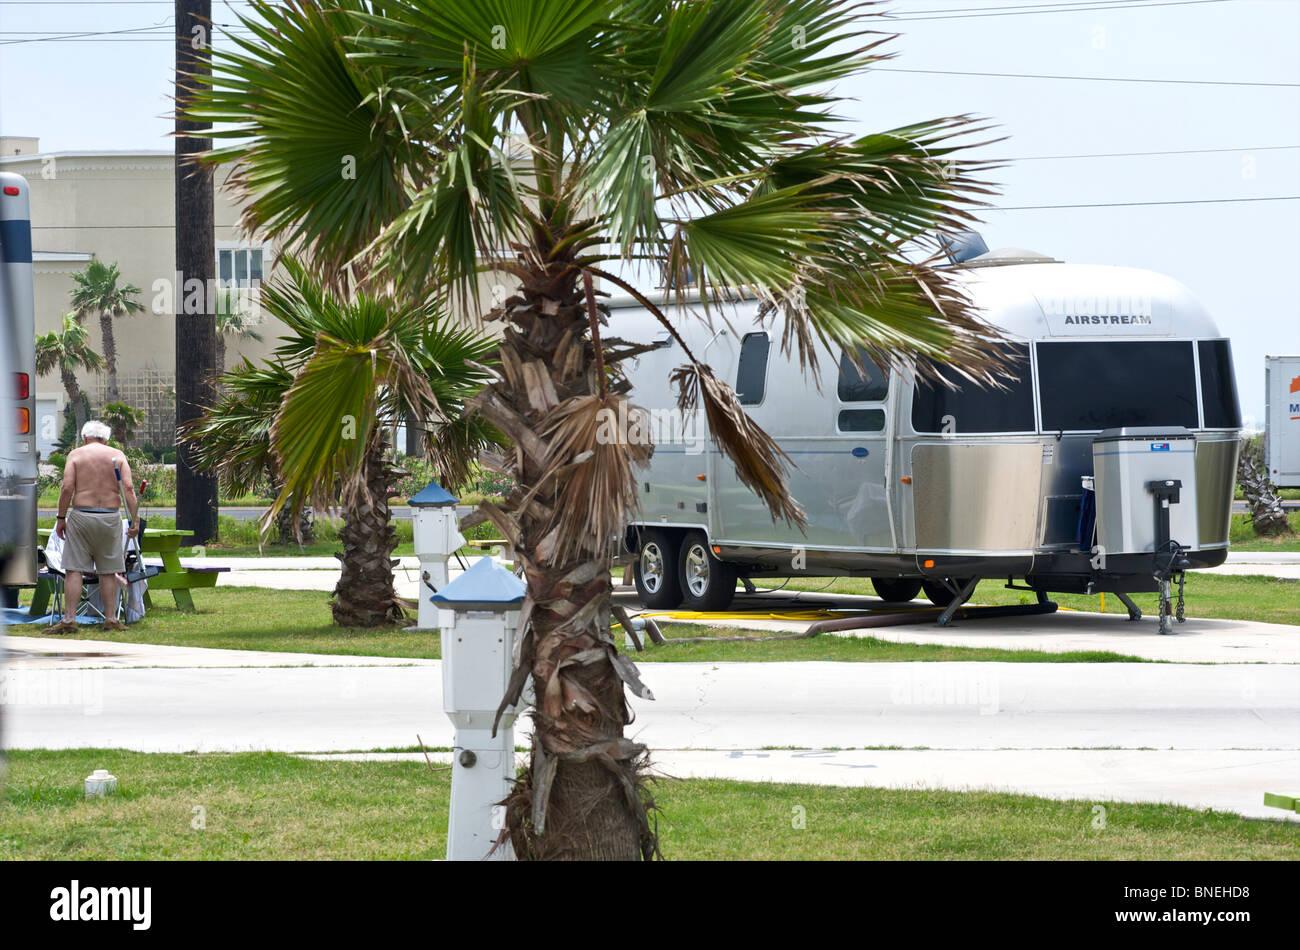 Camping-Avec RV camping-car au camping de camping camping de Galveston, Texas, États-Unis Banque D'Images